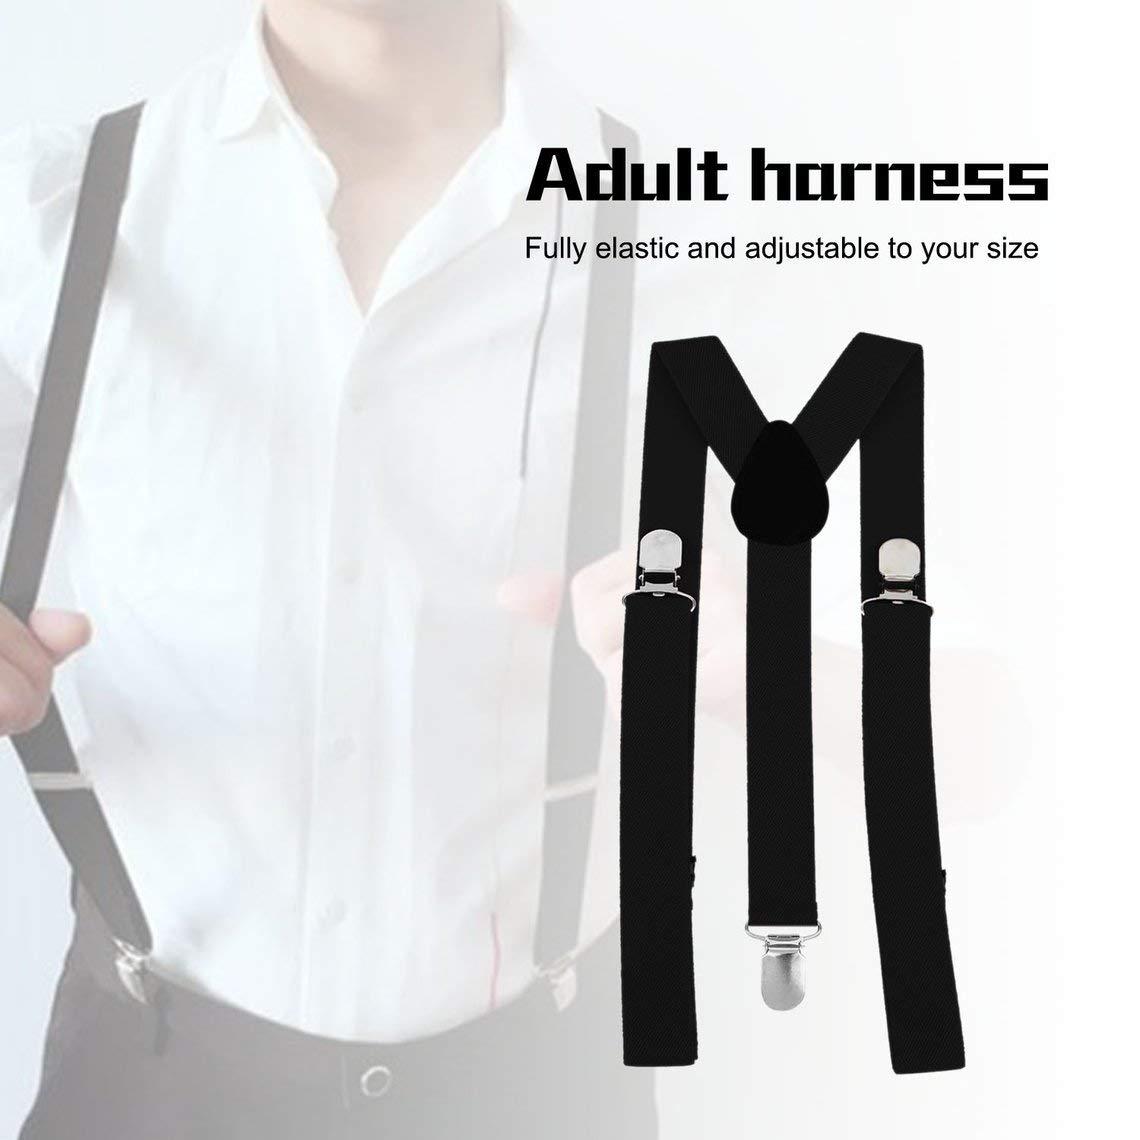 Zinniaya Unisex Mujer Hombre Y Forma El/ástico Clip-on Tirantes Correa Pantalones Tirantes Ajustable Tirantes Adultos 3 Clip Suspender Correa Correa